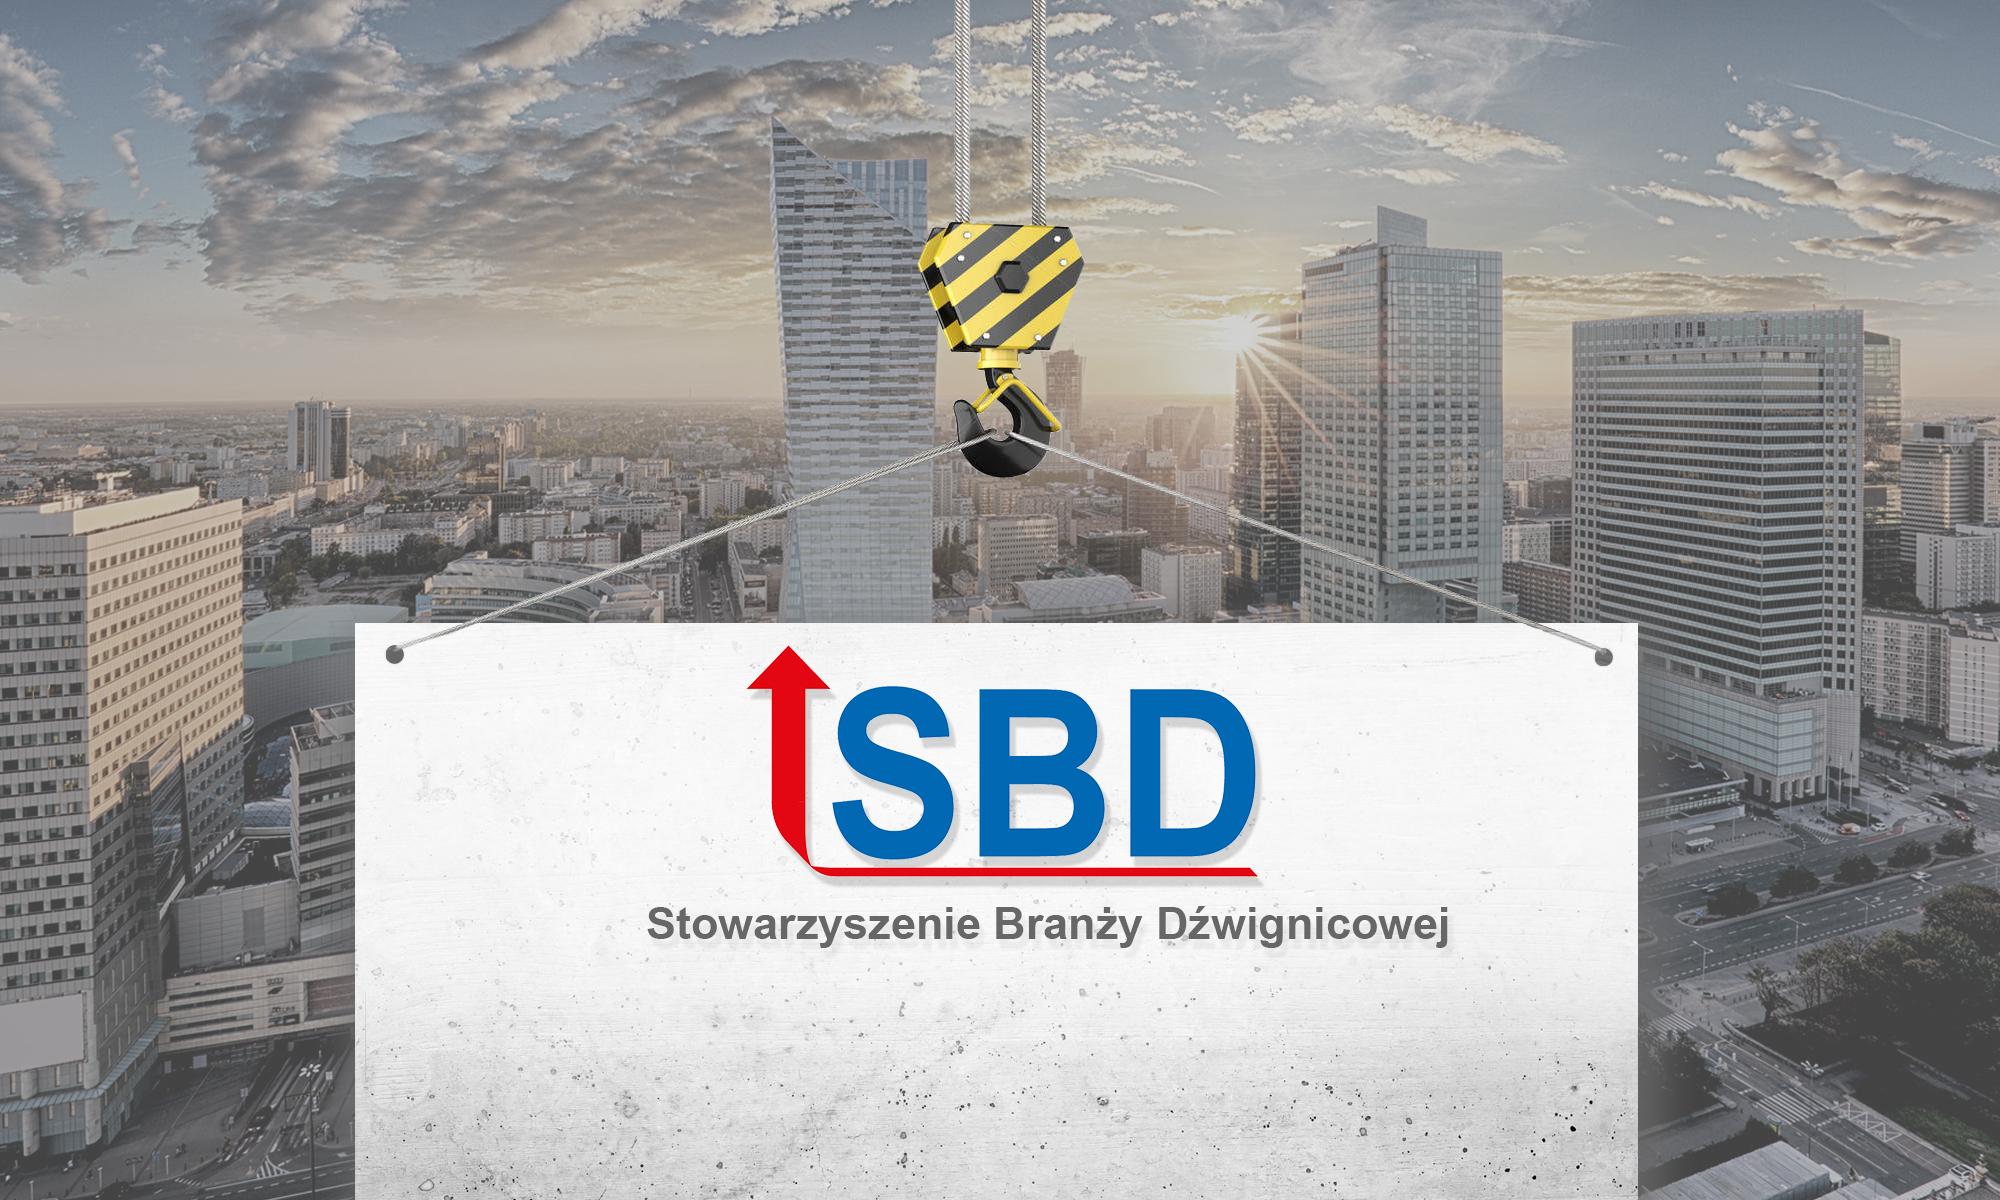 SBD - Stowarzyszenie Branży Dźwignicowej